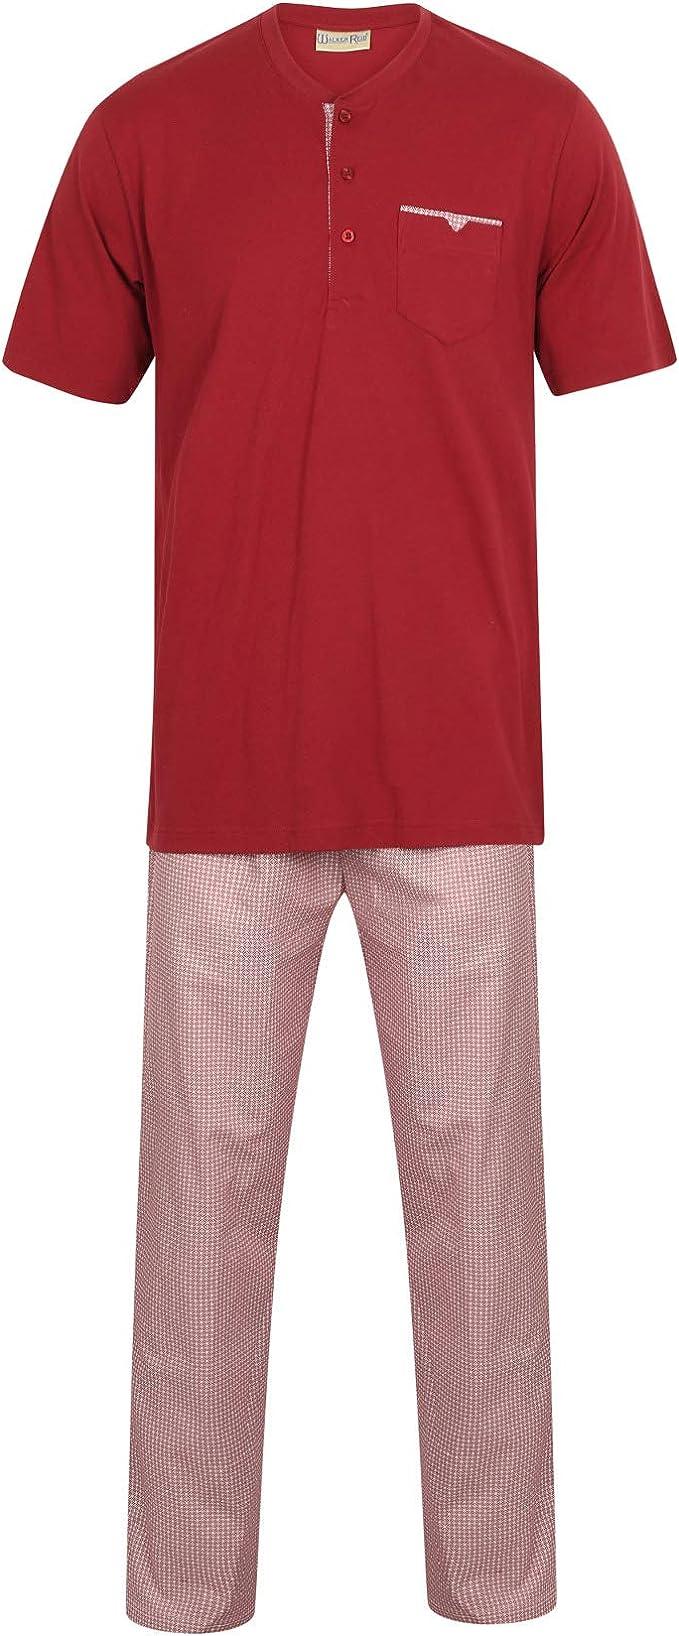 Pyjamas Set Mens Jersey Cotton Top /& Striped Bottoms Walker Reid Nightwear PJs